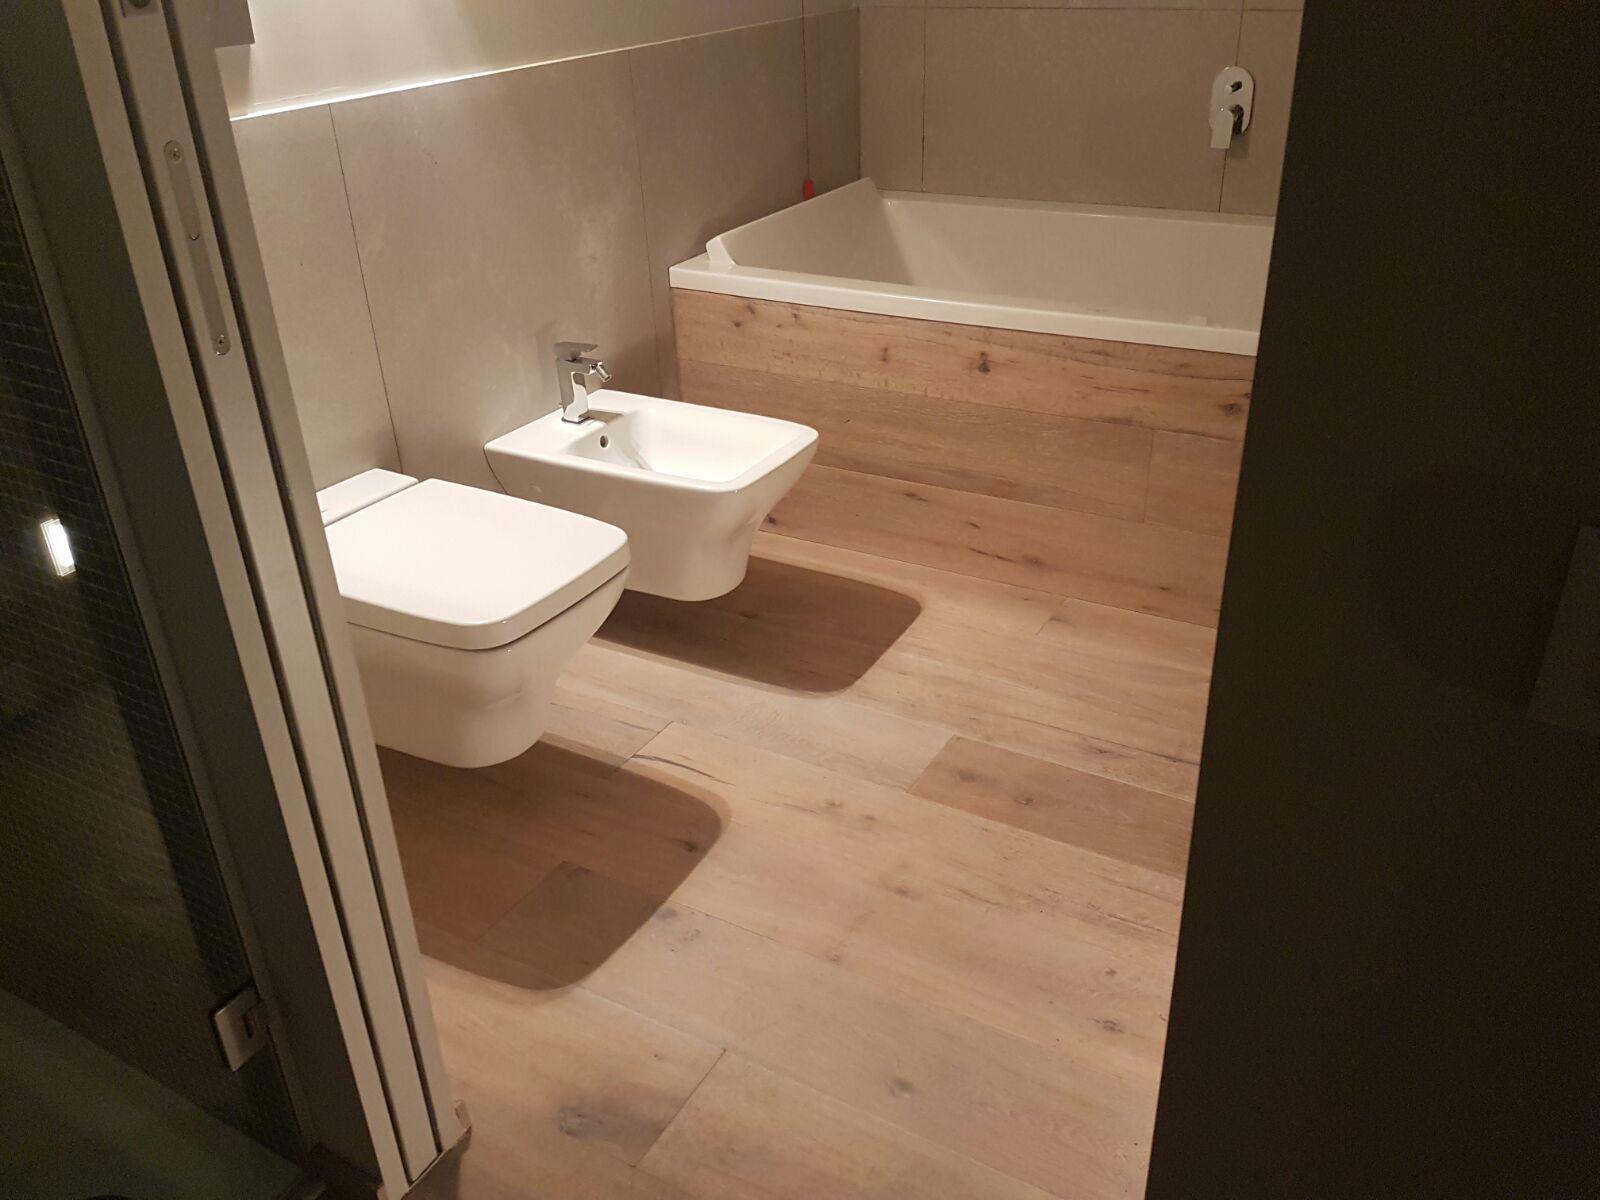 Bagno #arredobagno #sanitari #legno #vasca #vascadabagno